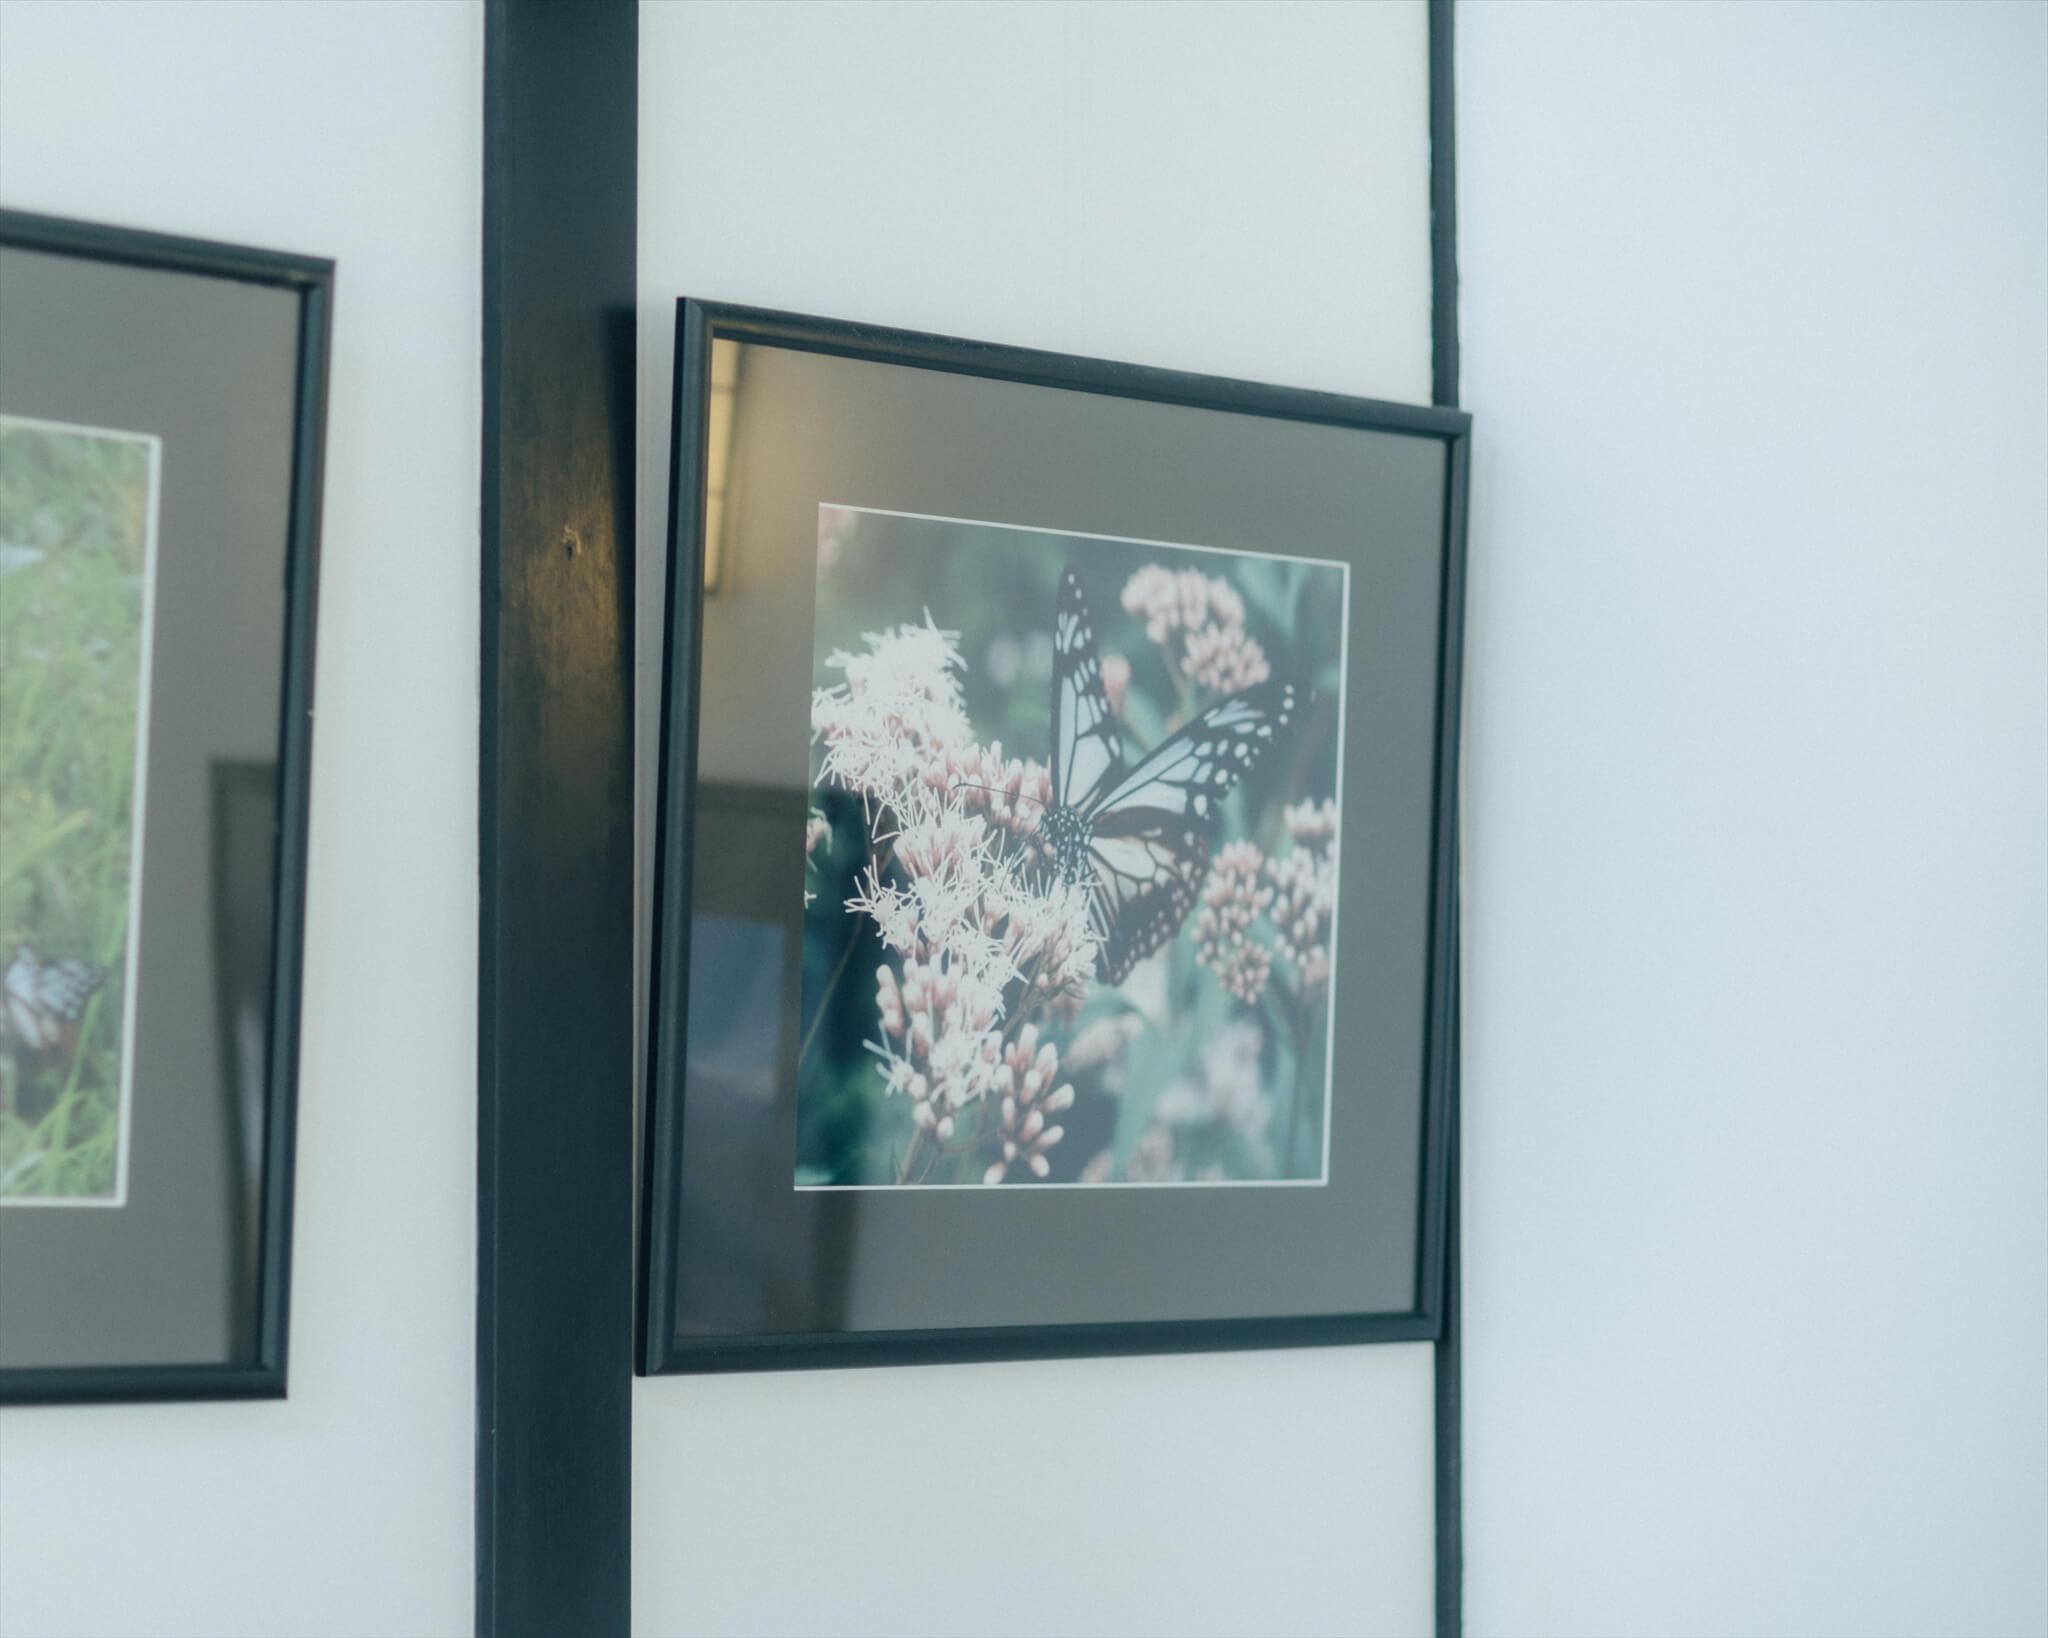 のっぺ山荘の中に飾られていた吸蜜するアサギマダラの写真